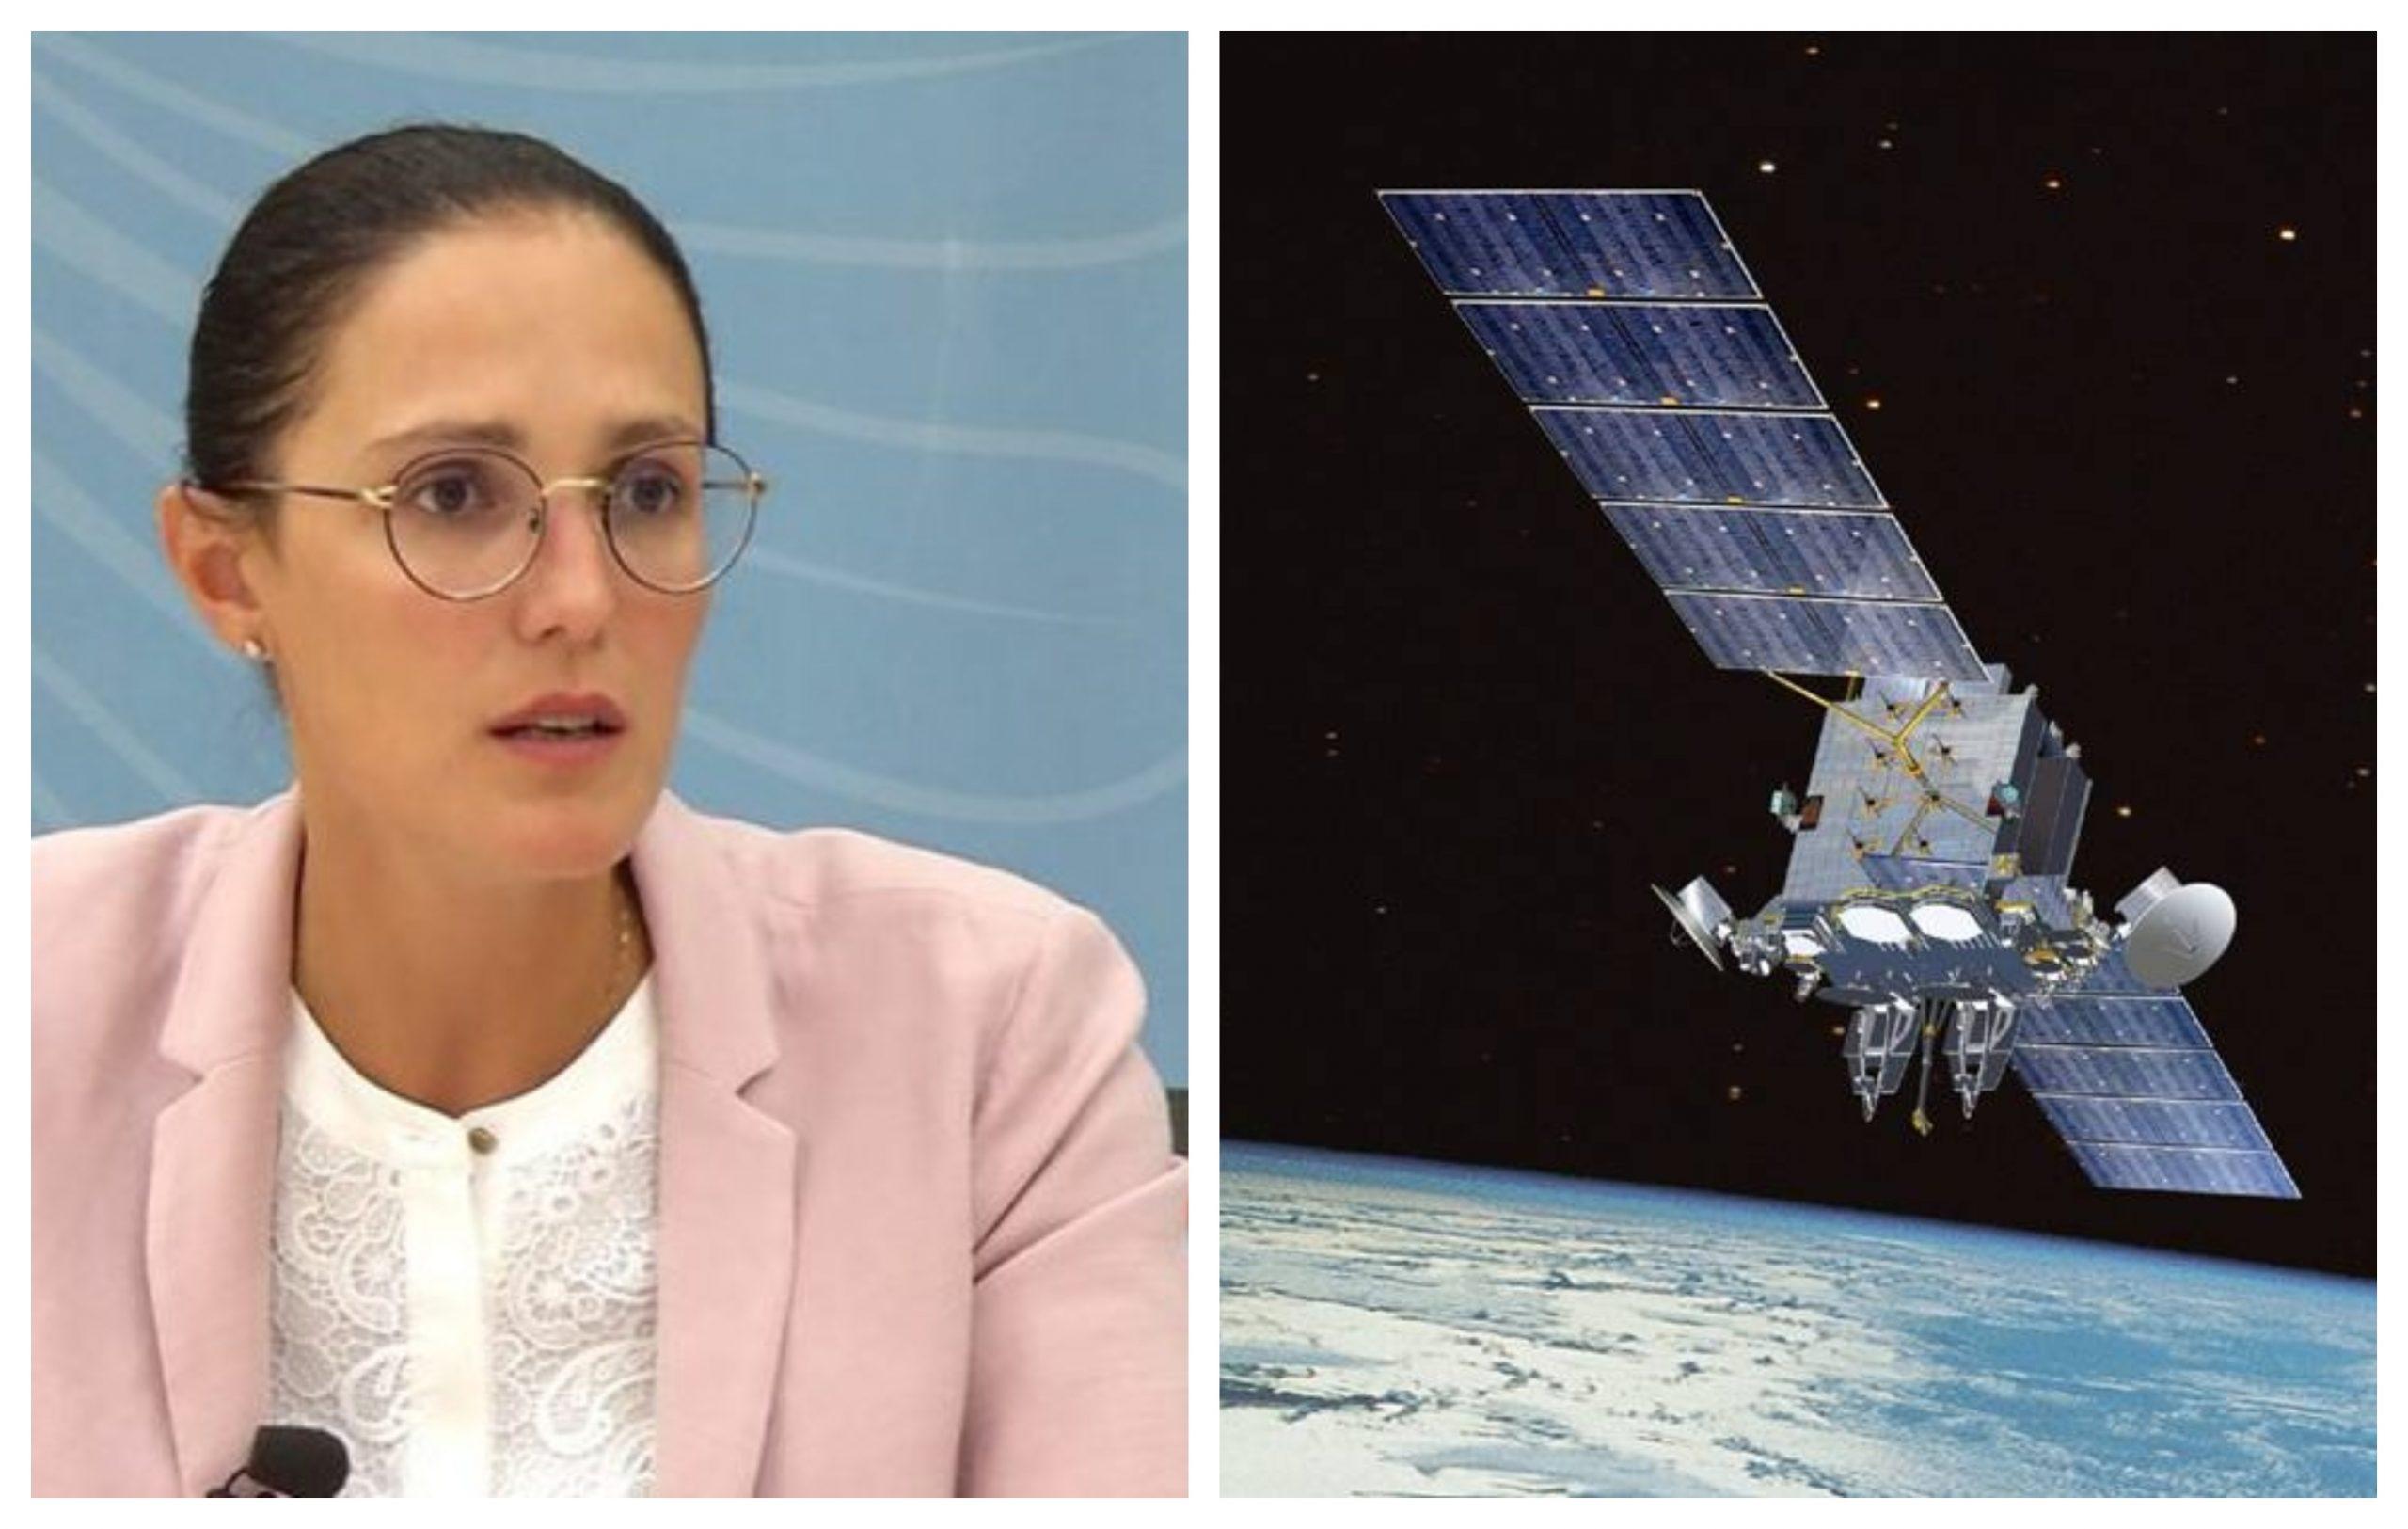 Sa është buxheti i alokuar për blerjen e satelitëve? Si përgjigjet ministrja e Ekonomisë